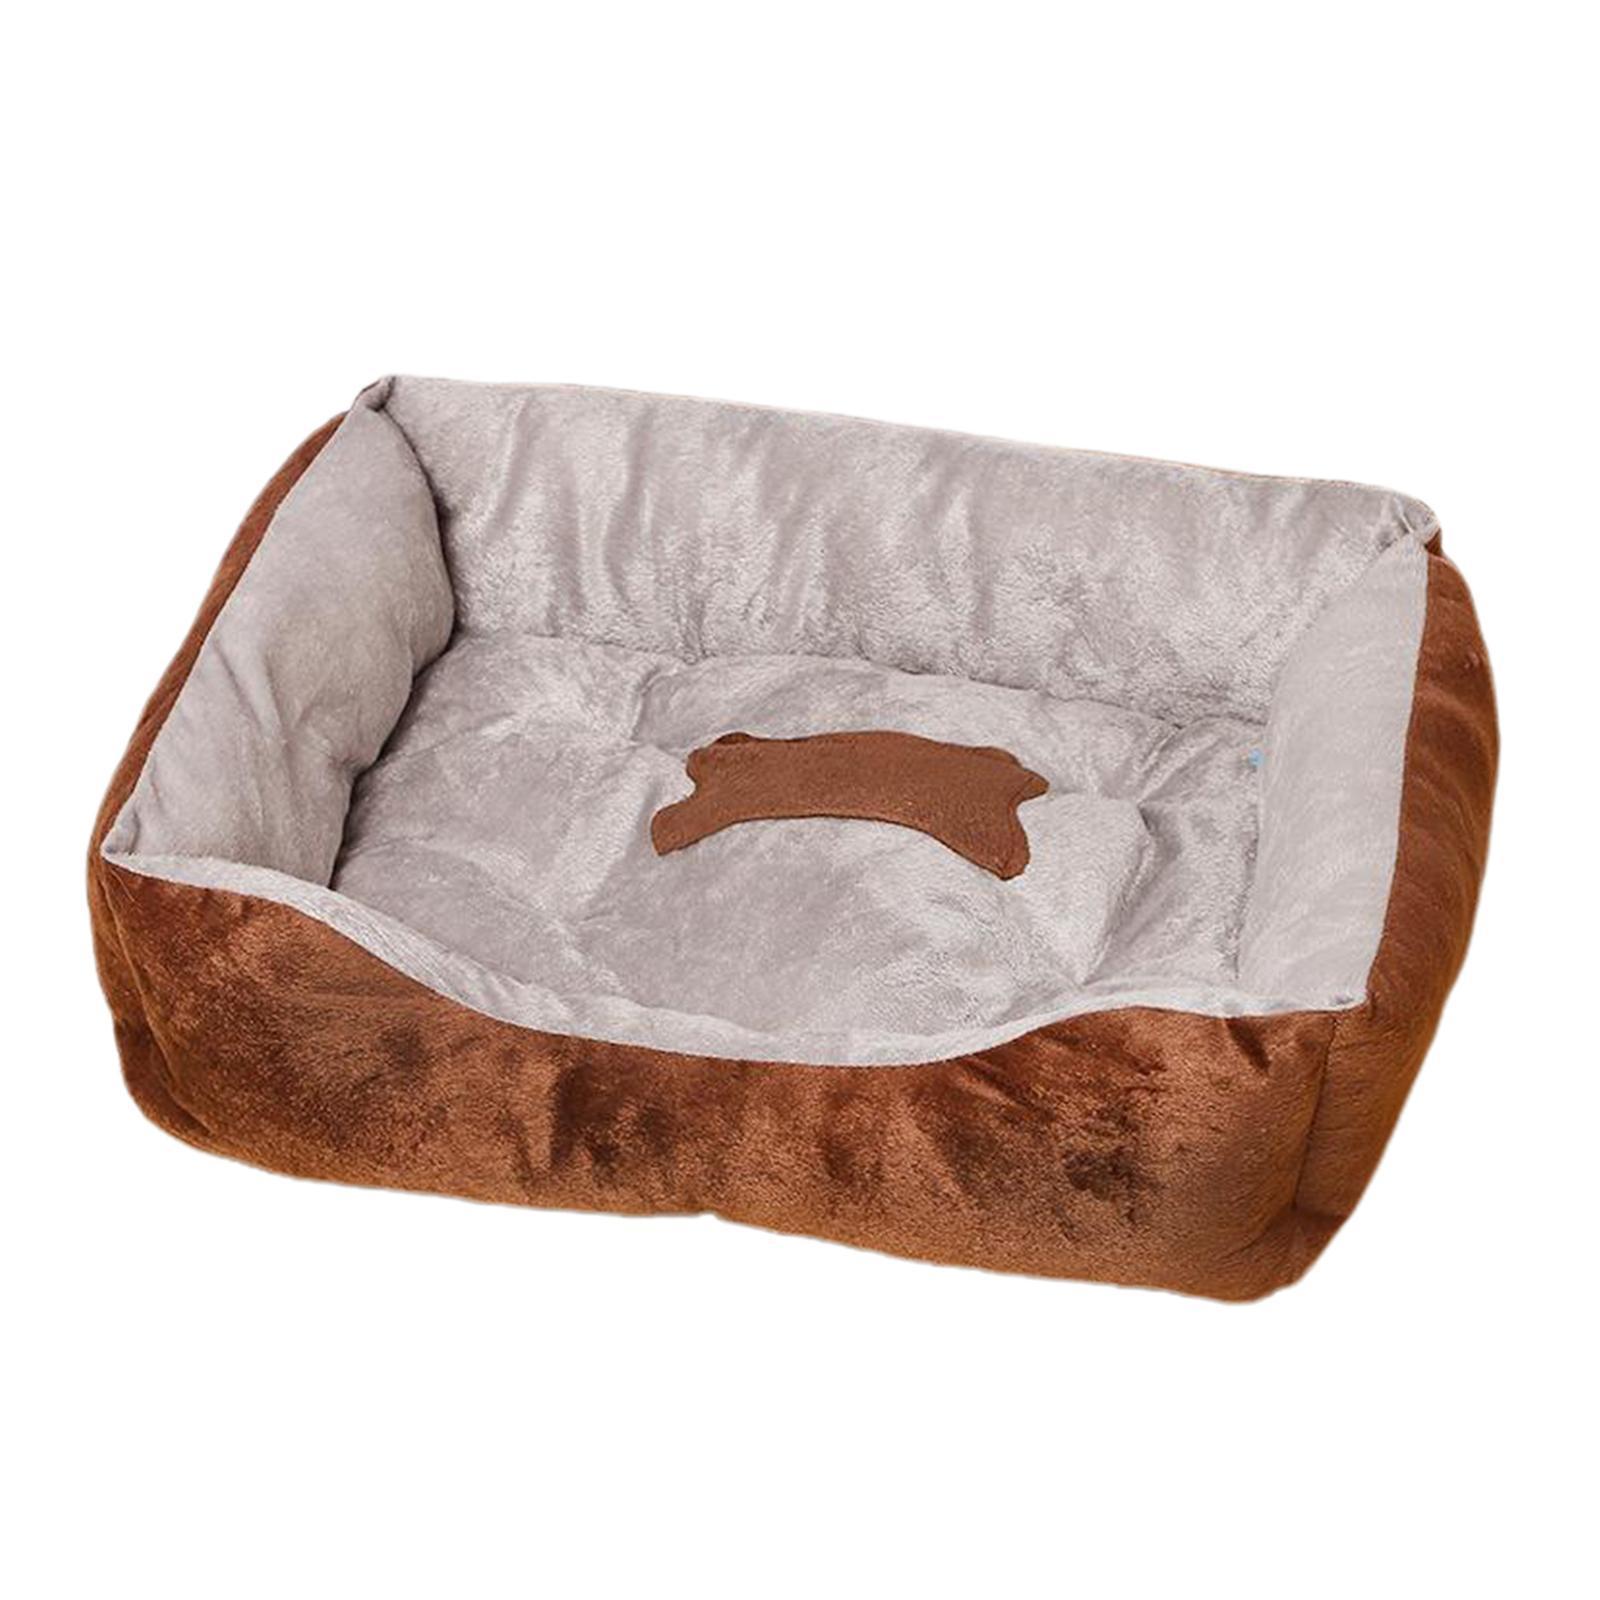 Indexbild 49 - Katze-Hund-Bett-Pet-Kissen-Betten-Haus-Schlaf-Soft-Warmen-Zwinger-Decke-Nest